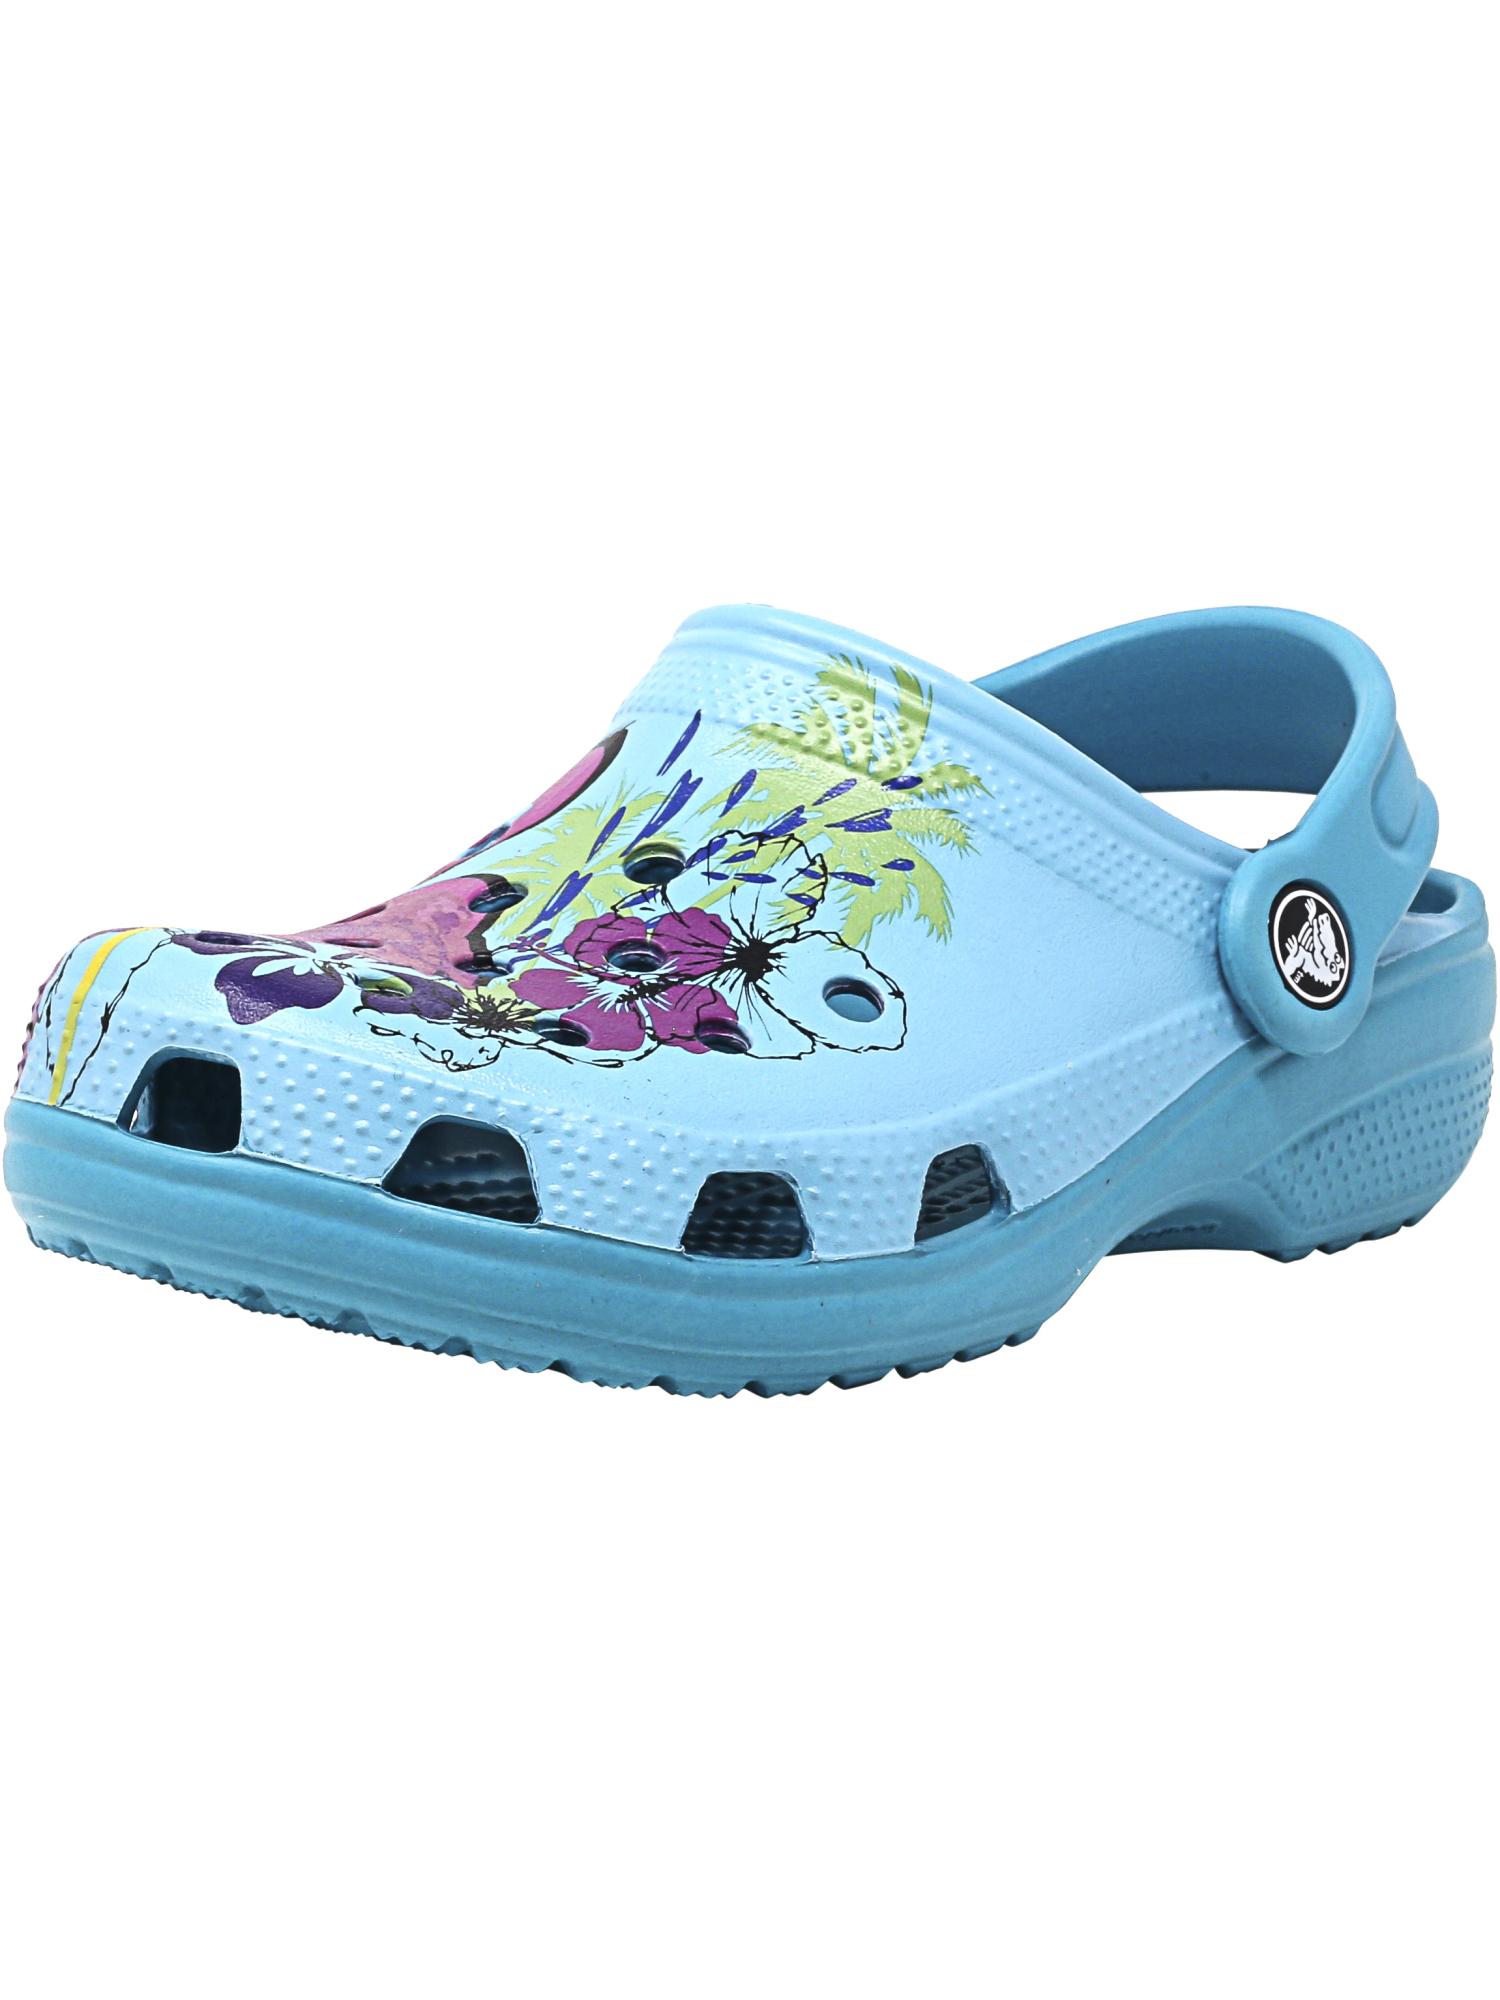 394d2b0a8687d Crocs Classic Graphic Clog K Turquoise Unisex Infant Slingback Size ...